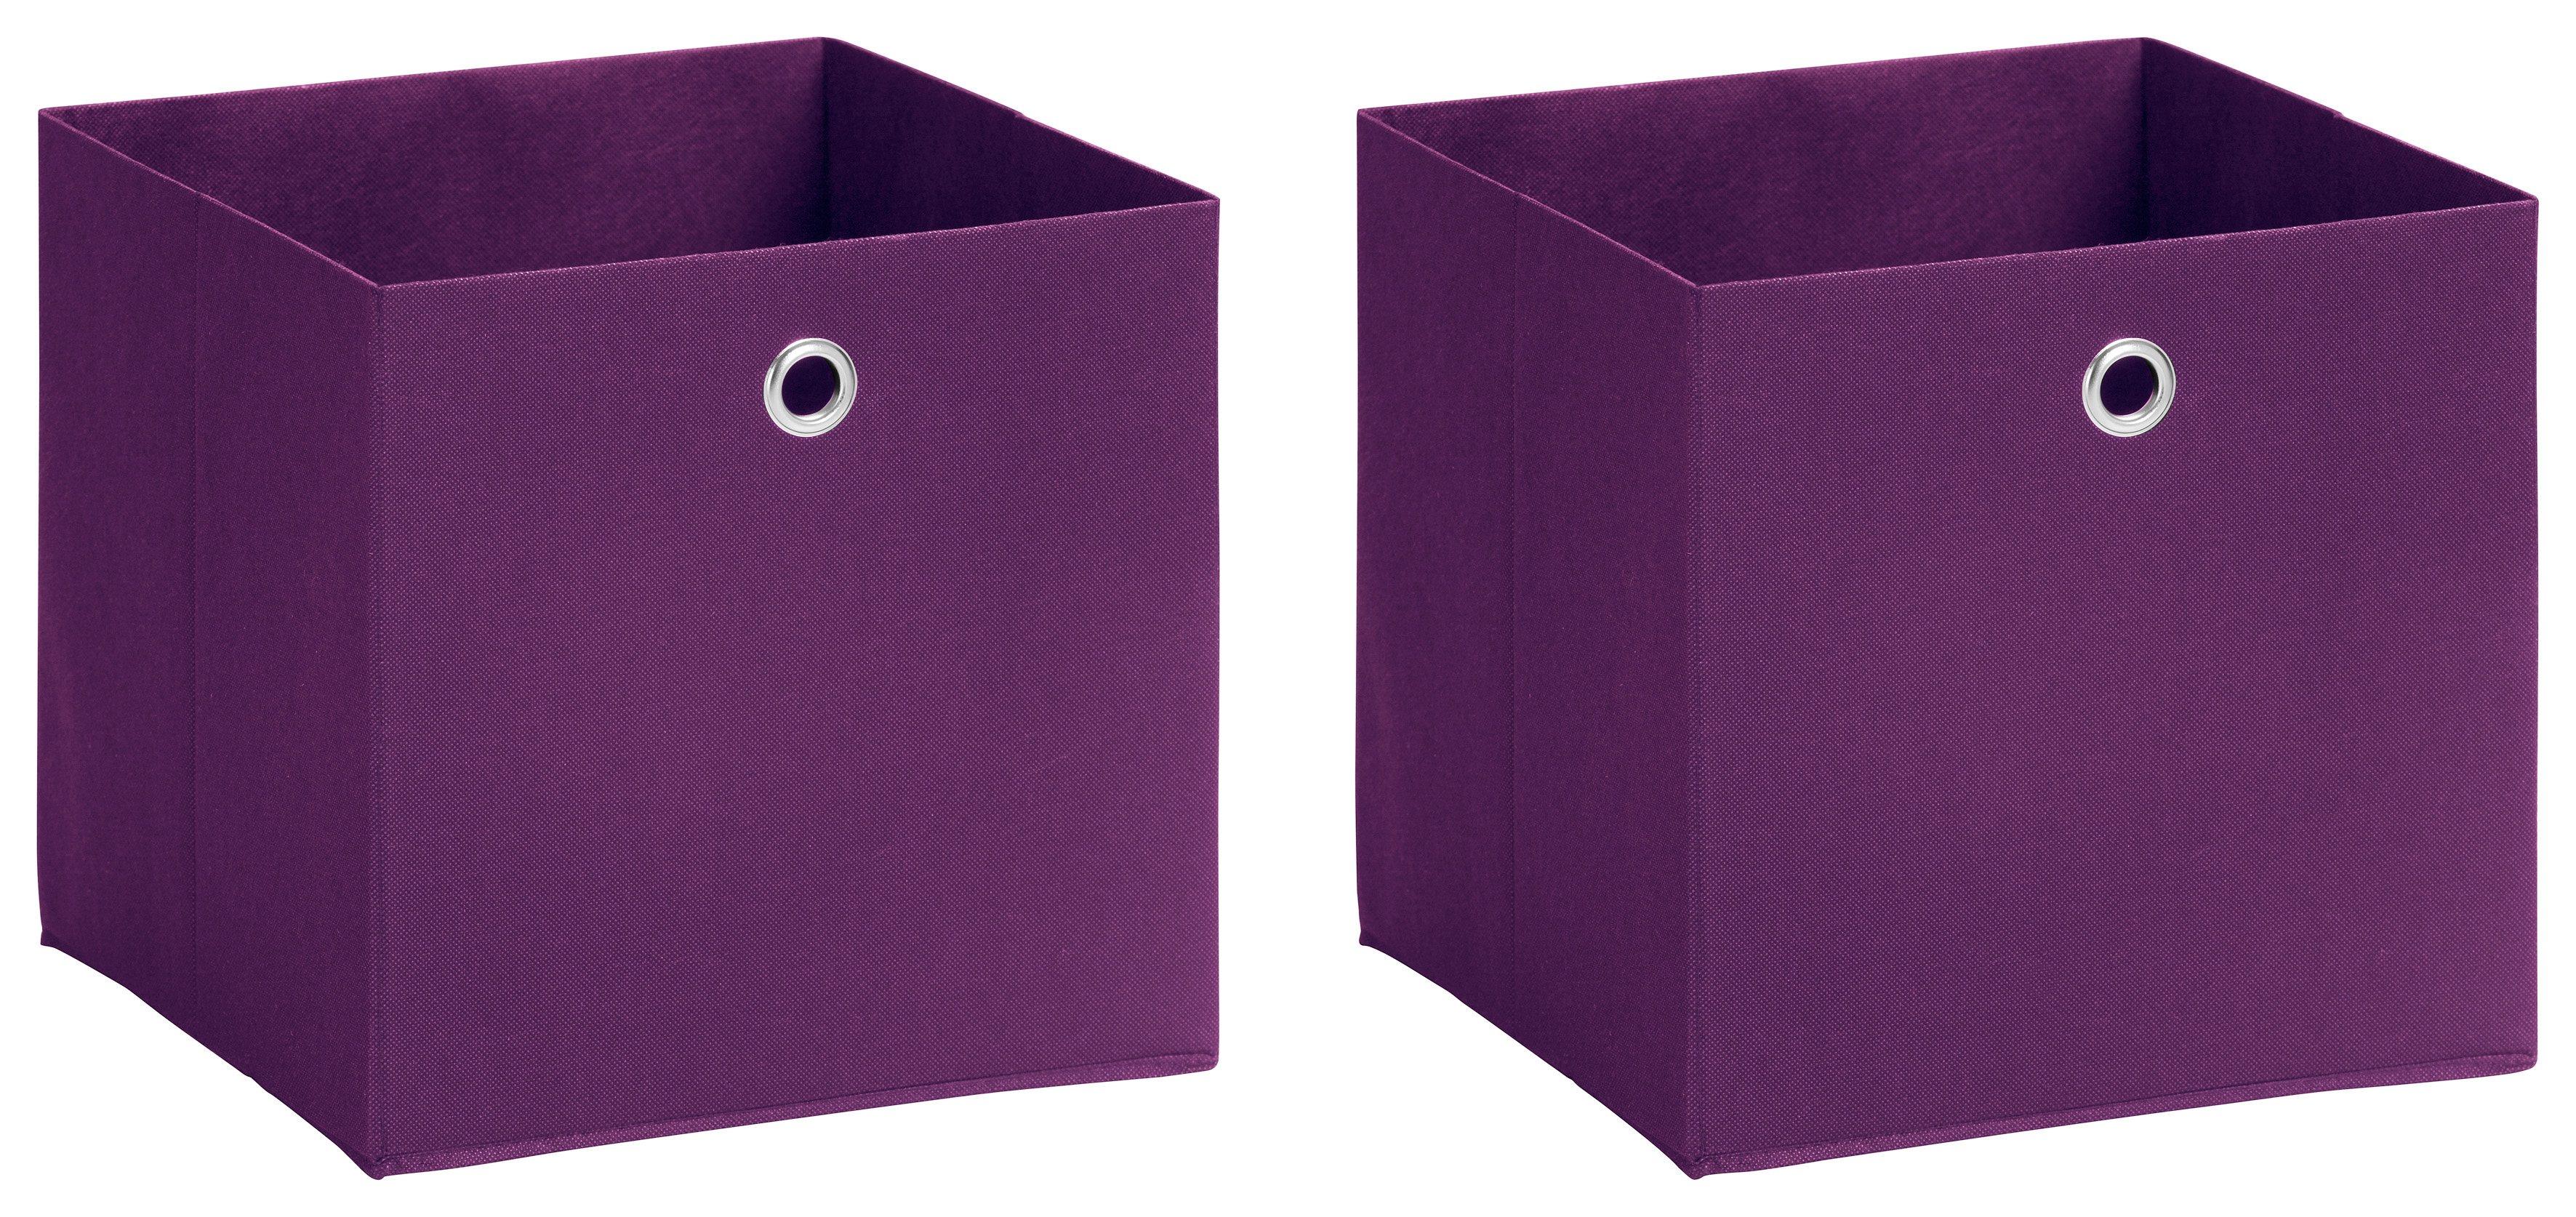 Schildmeyer Faltbox »Box«, 2er-Set mit Vliesüberzug | Dekoration > Aufbewahrung und Ordnung > Kästchen | Schildmeyer